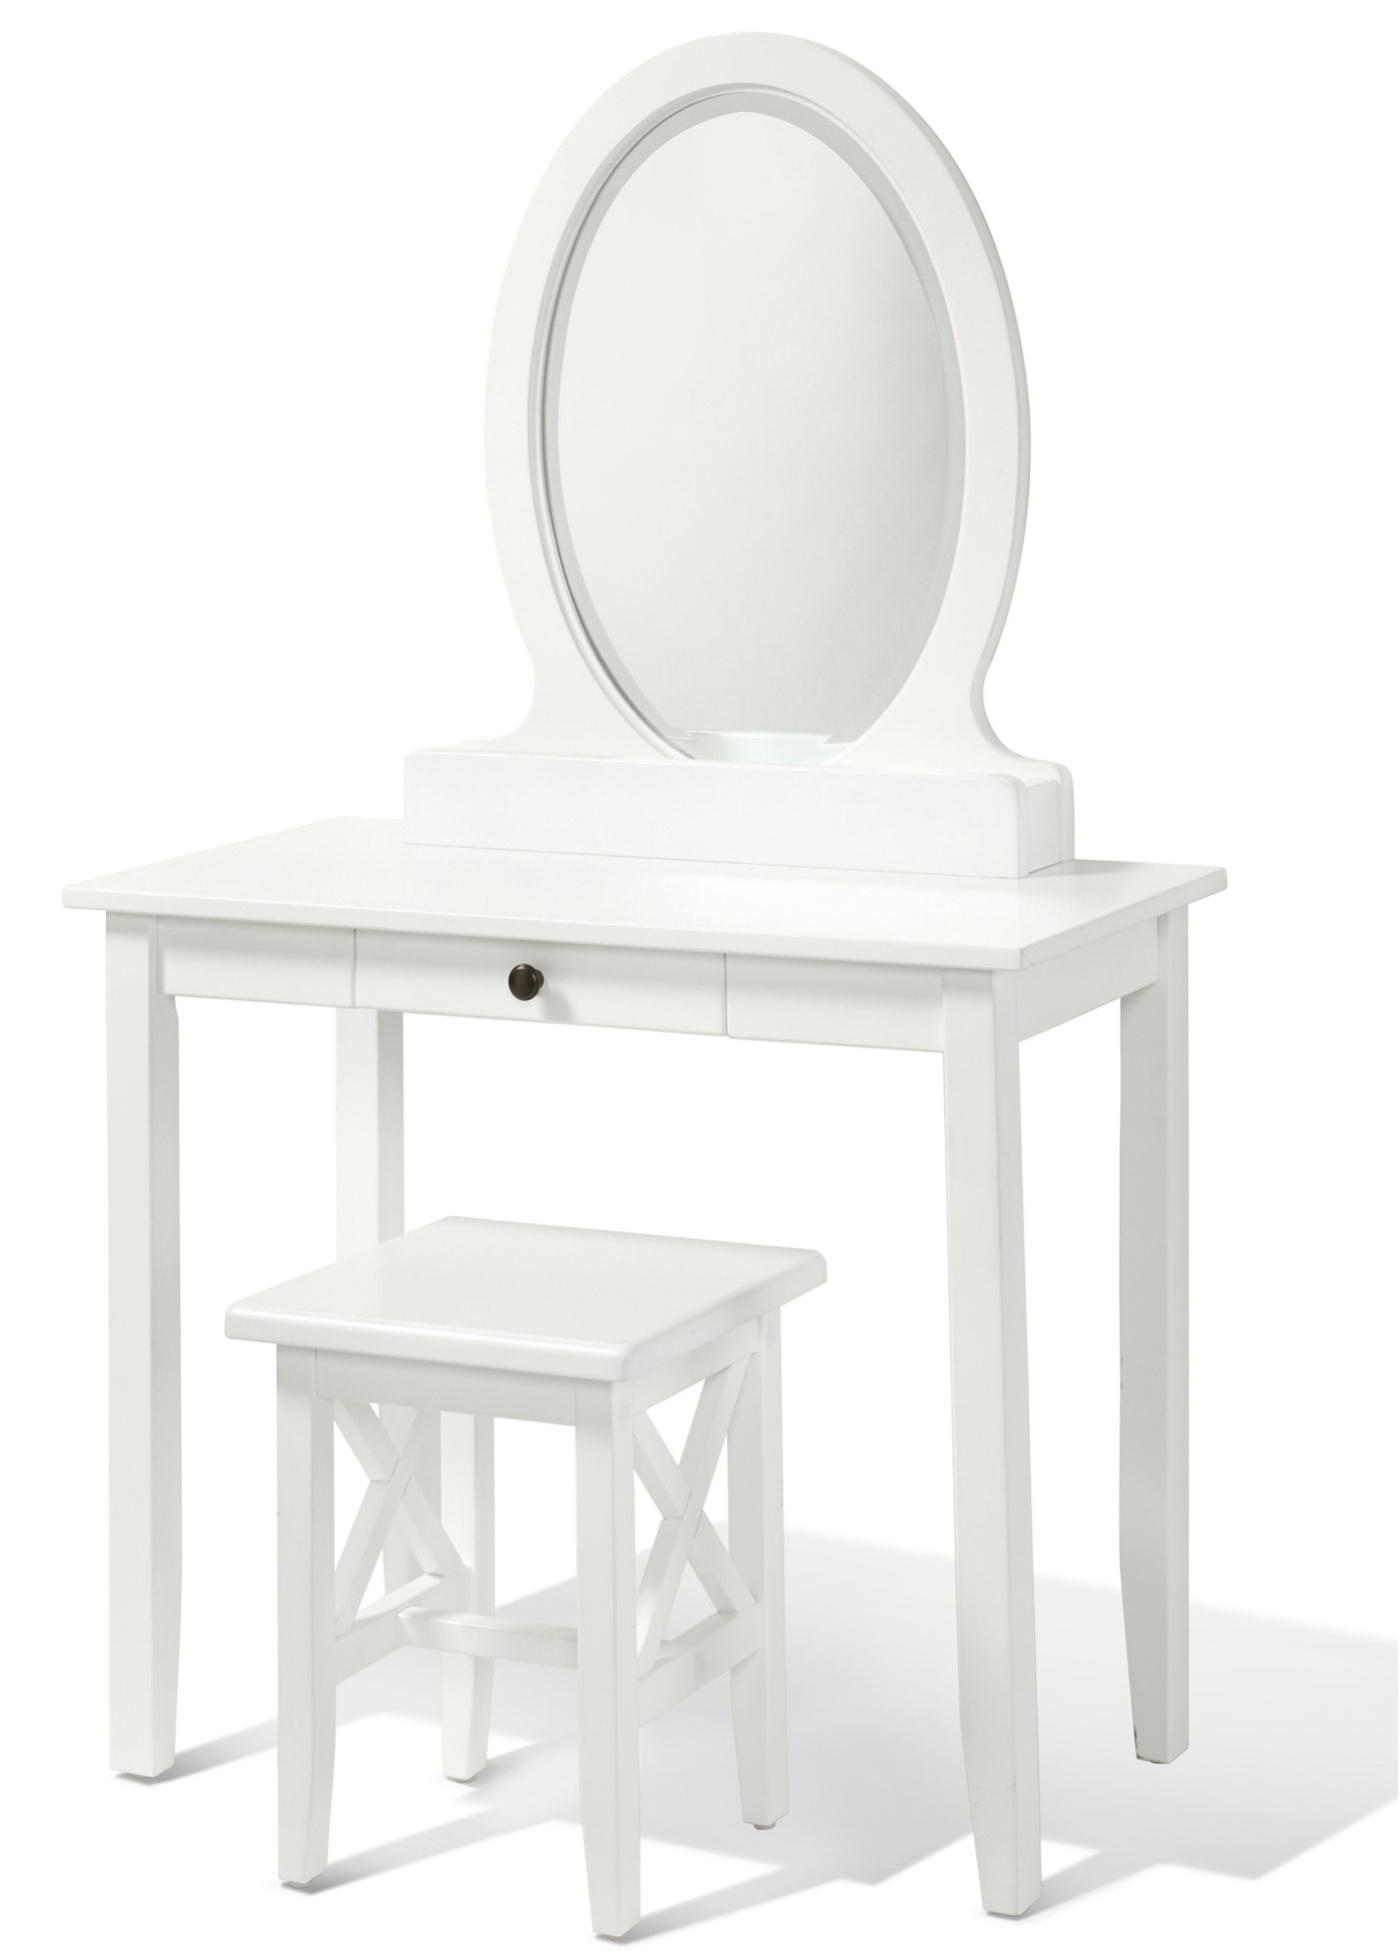 Image of Schminktisch mit ovalem Spiegel